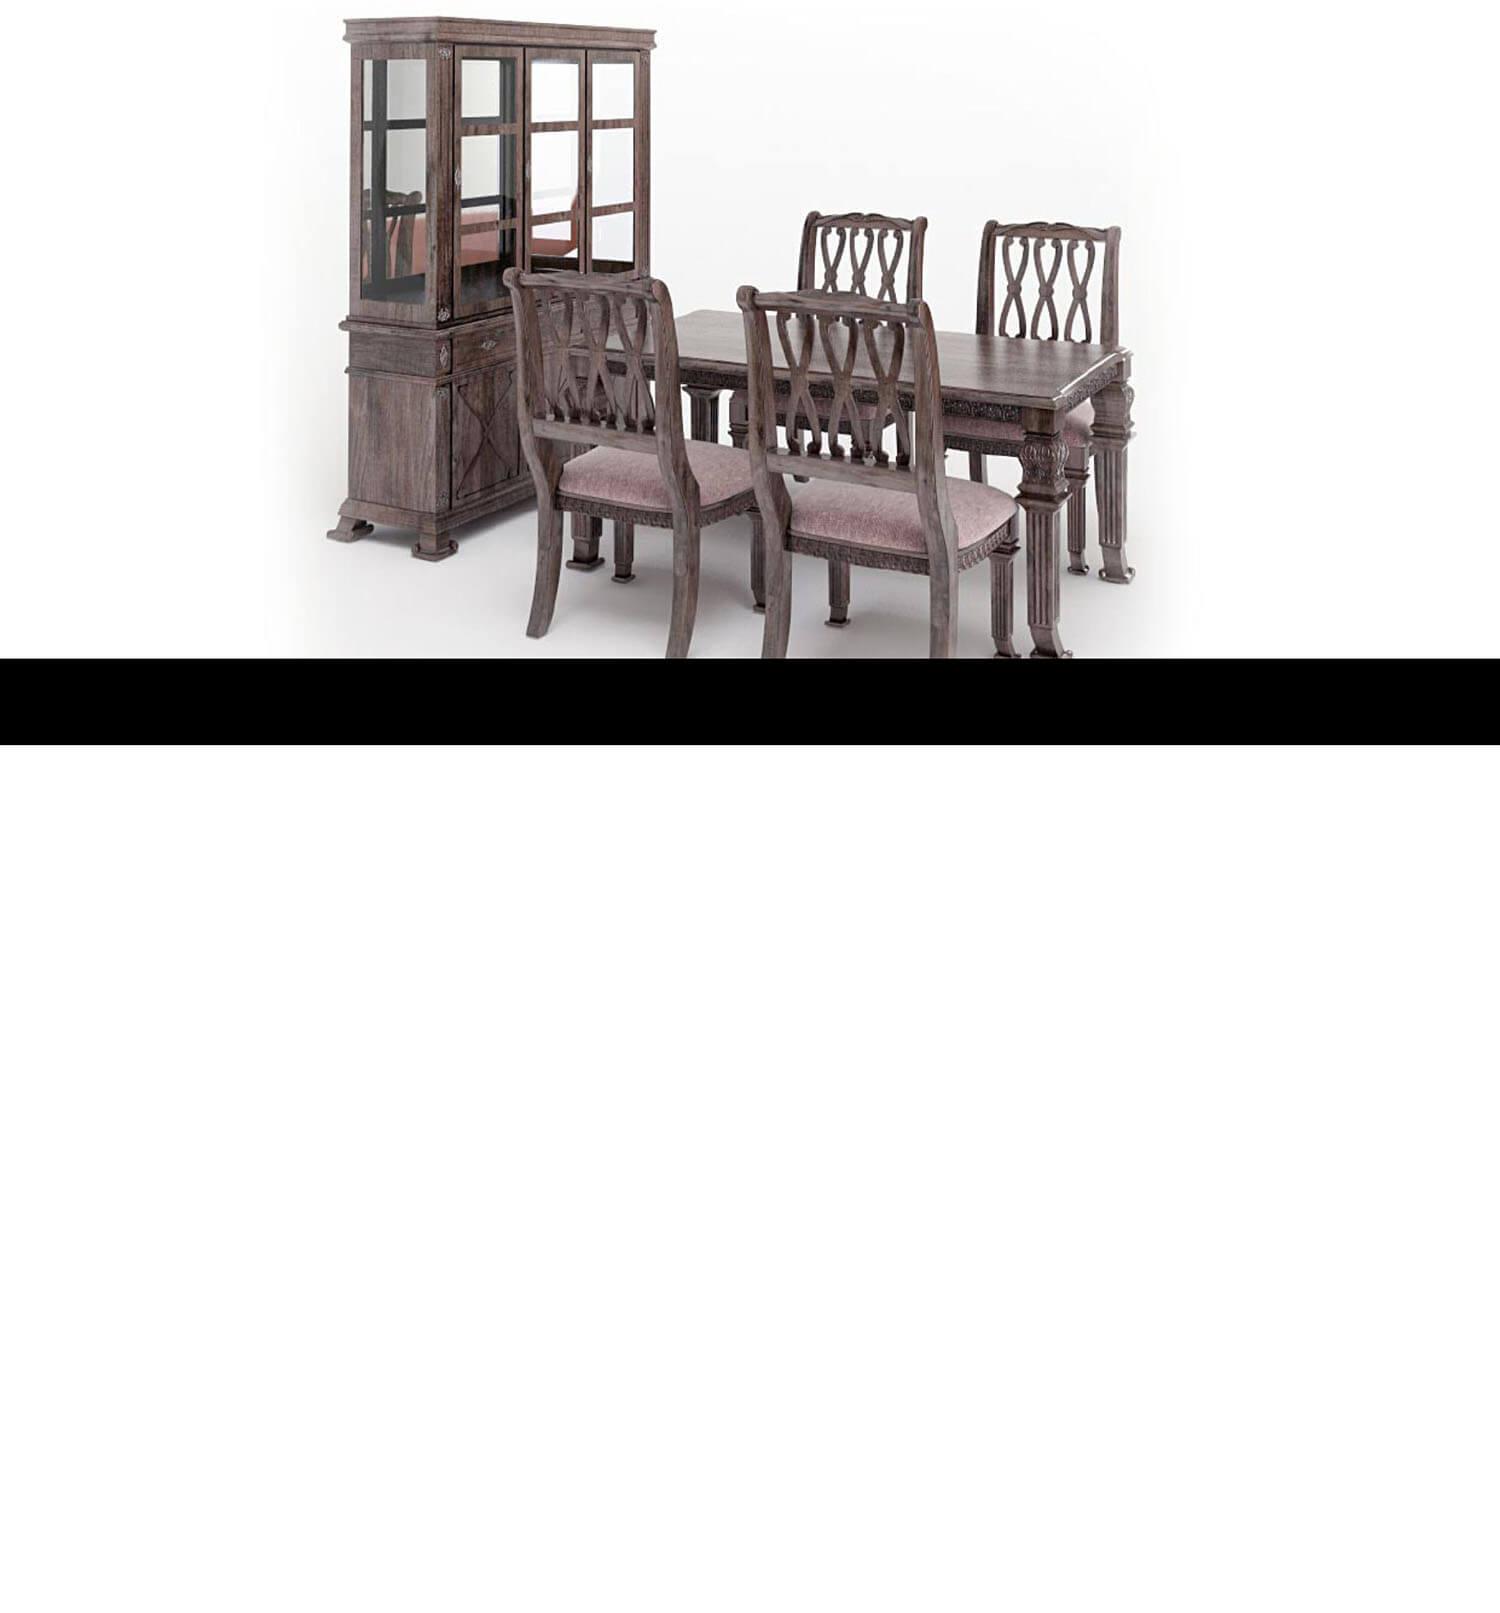 Các bộ bàn ăn kiểu cách tân hiện đại hơn, nhìn nhẹ nhàng, không cầu kì